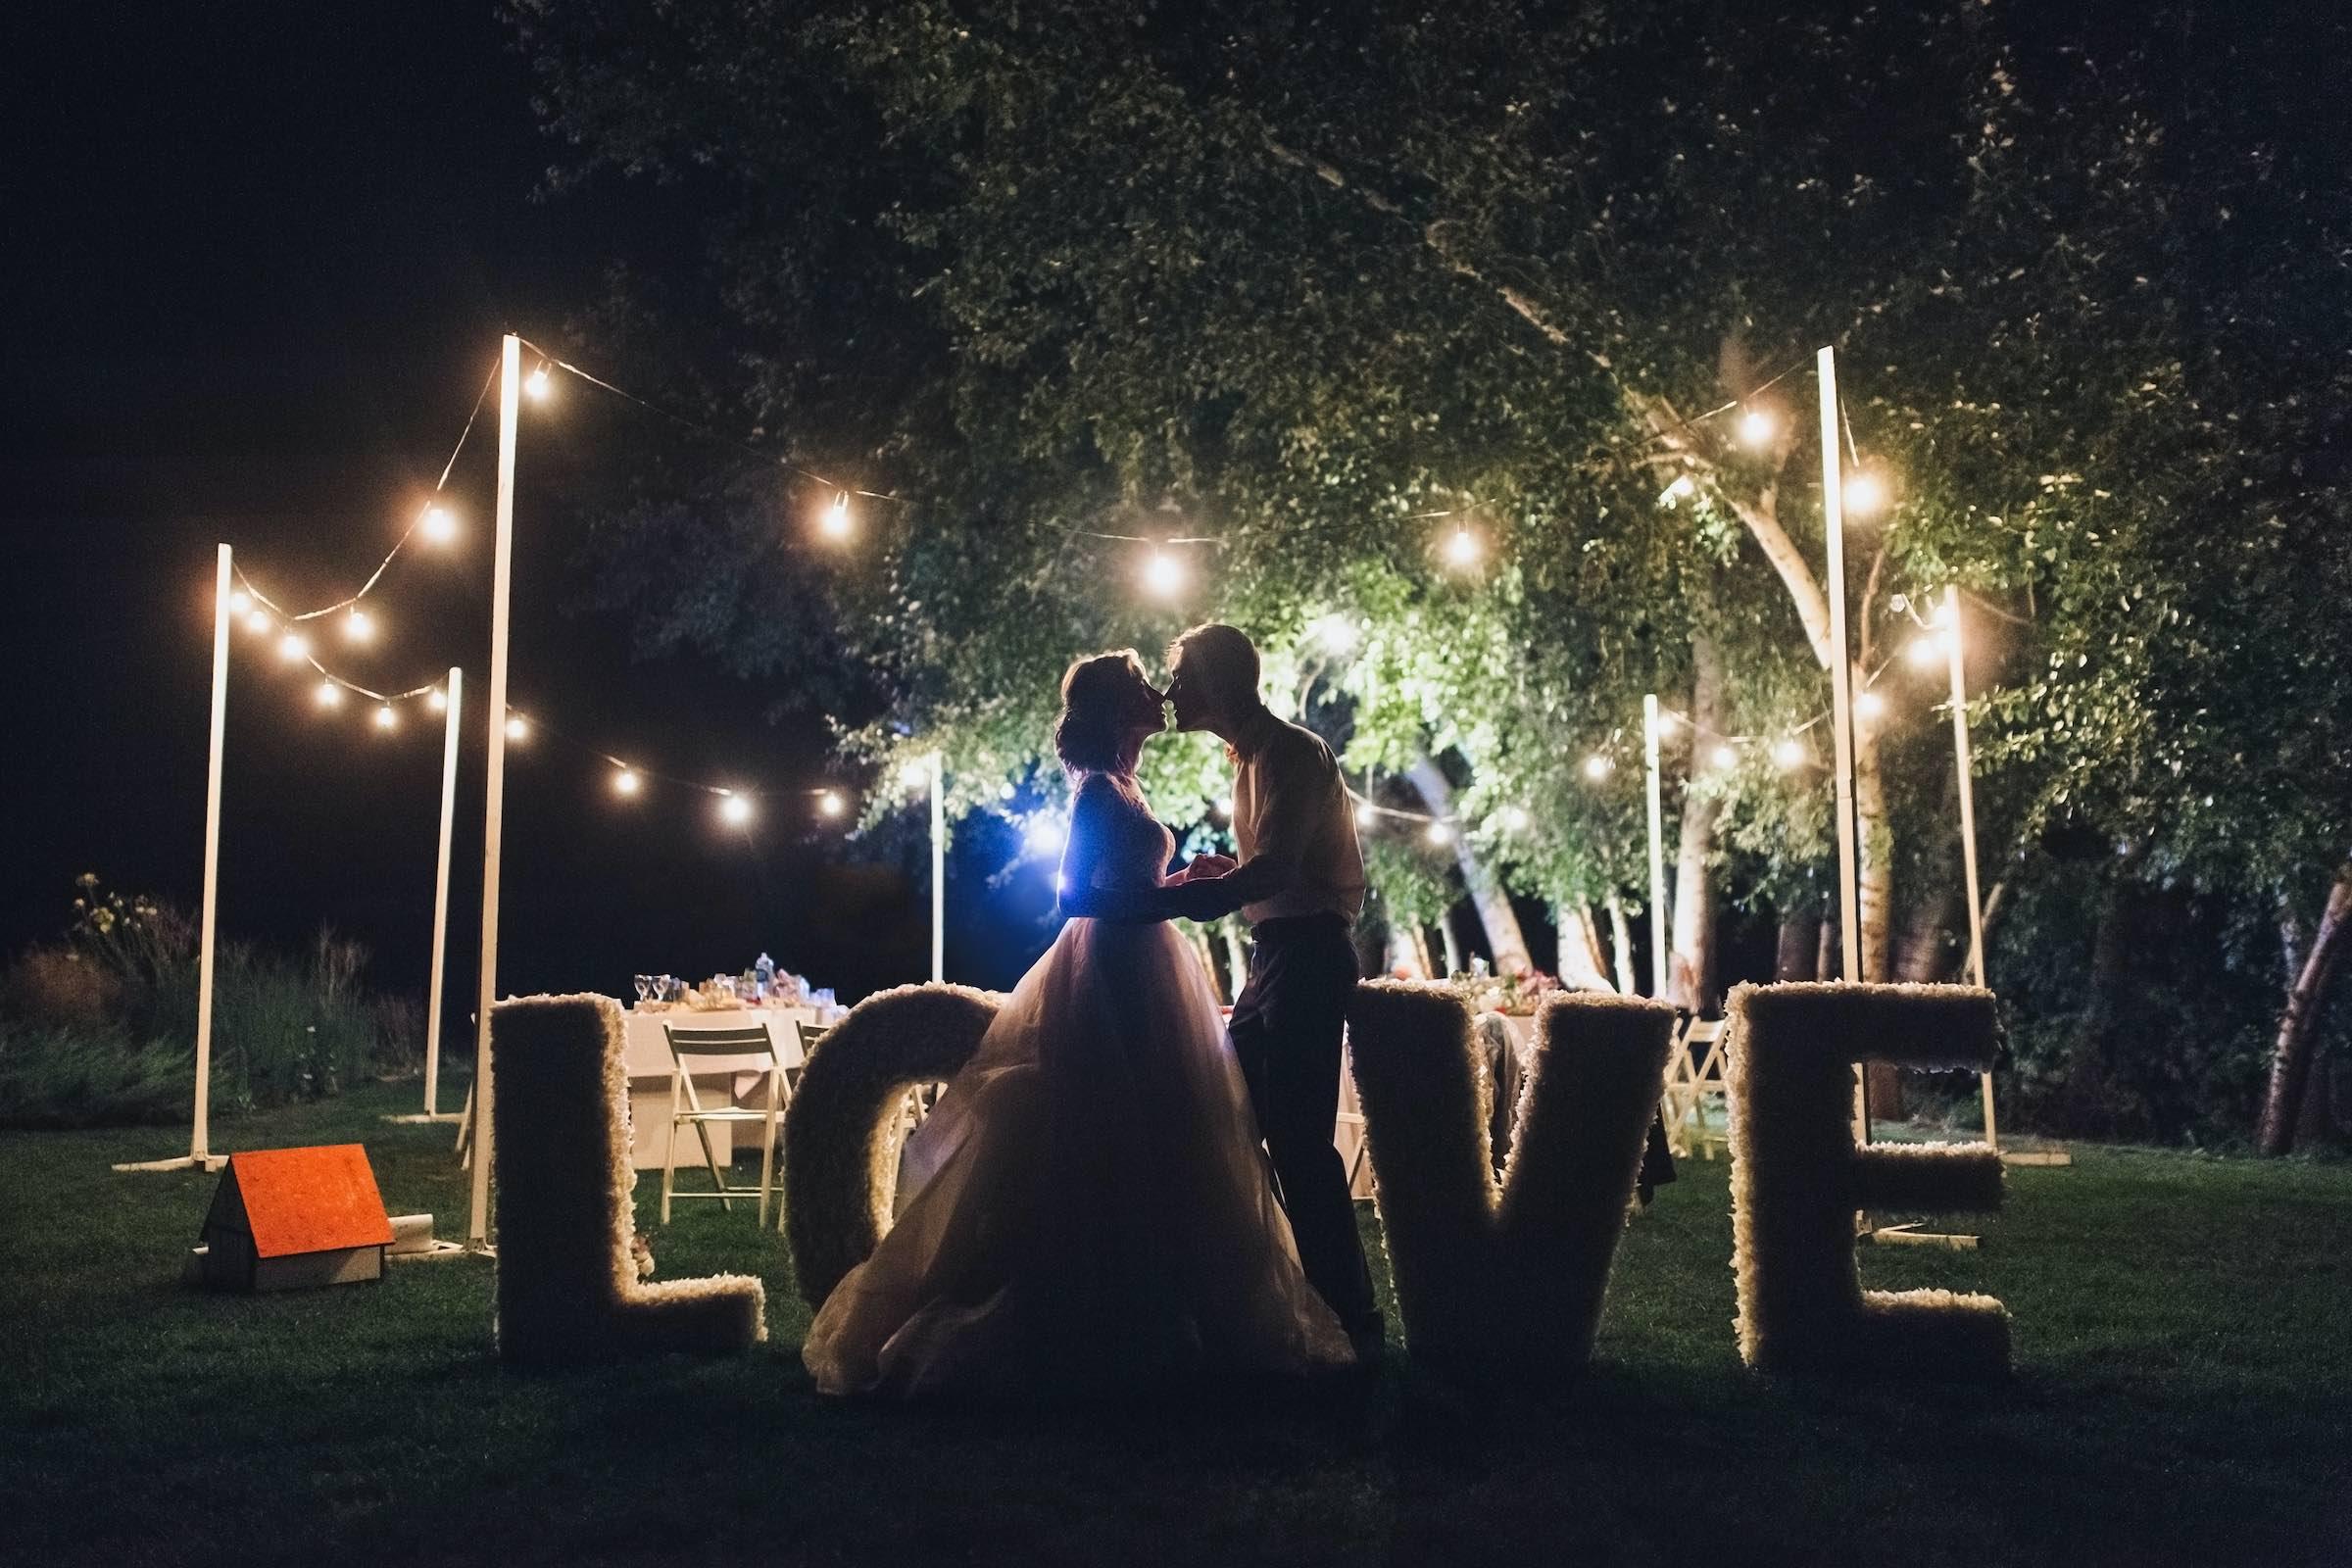 Leuchtbuchstaben | LED | Buchstaben | Beleuchtete | XXL | Holz | Love | Hochzeit | Hannover | Quertz | Buchen | Mieten | Anfragen | Lehmann | Eventservice